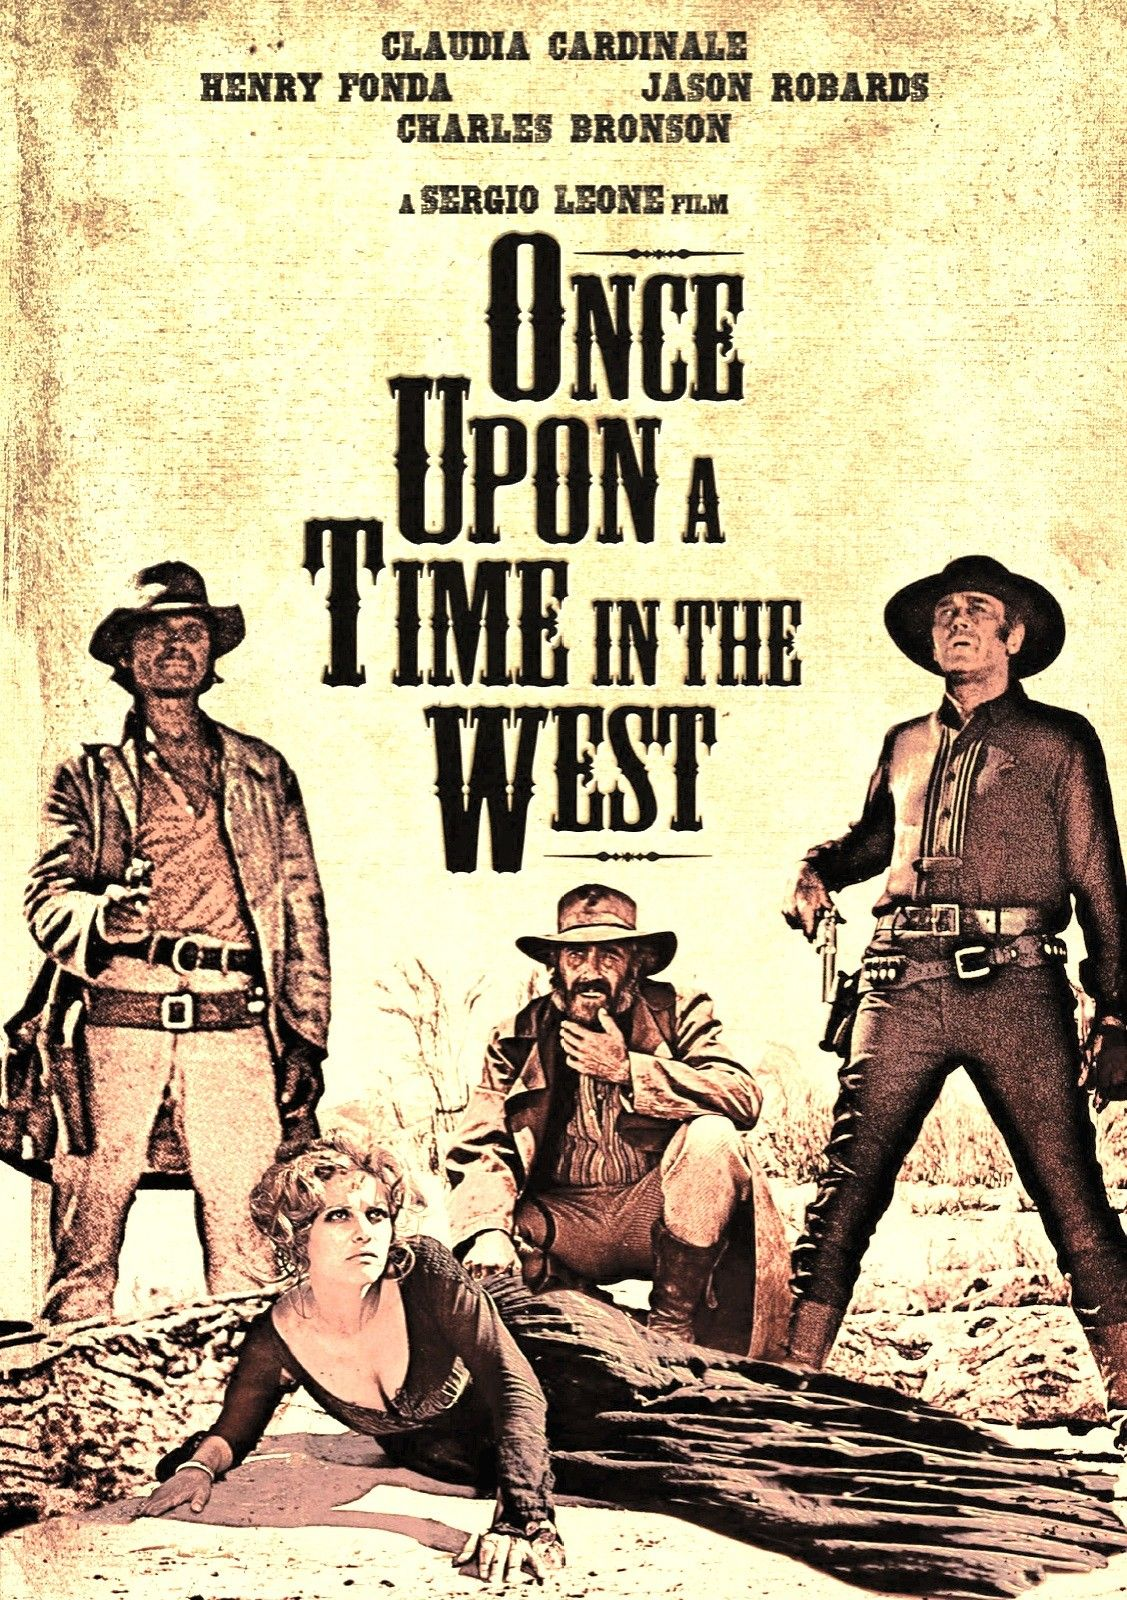 Epingle Par Cengiz Sur Movie Posters Vieux Film Films Classiques Bon Film